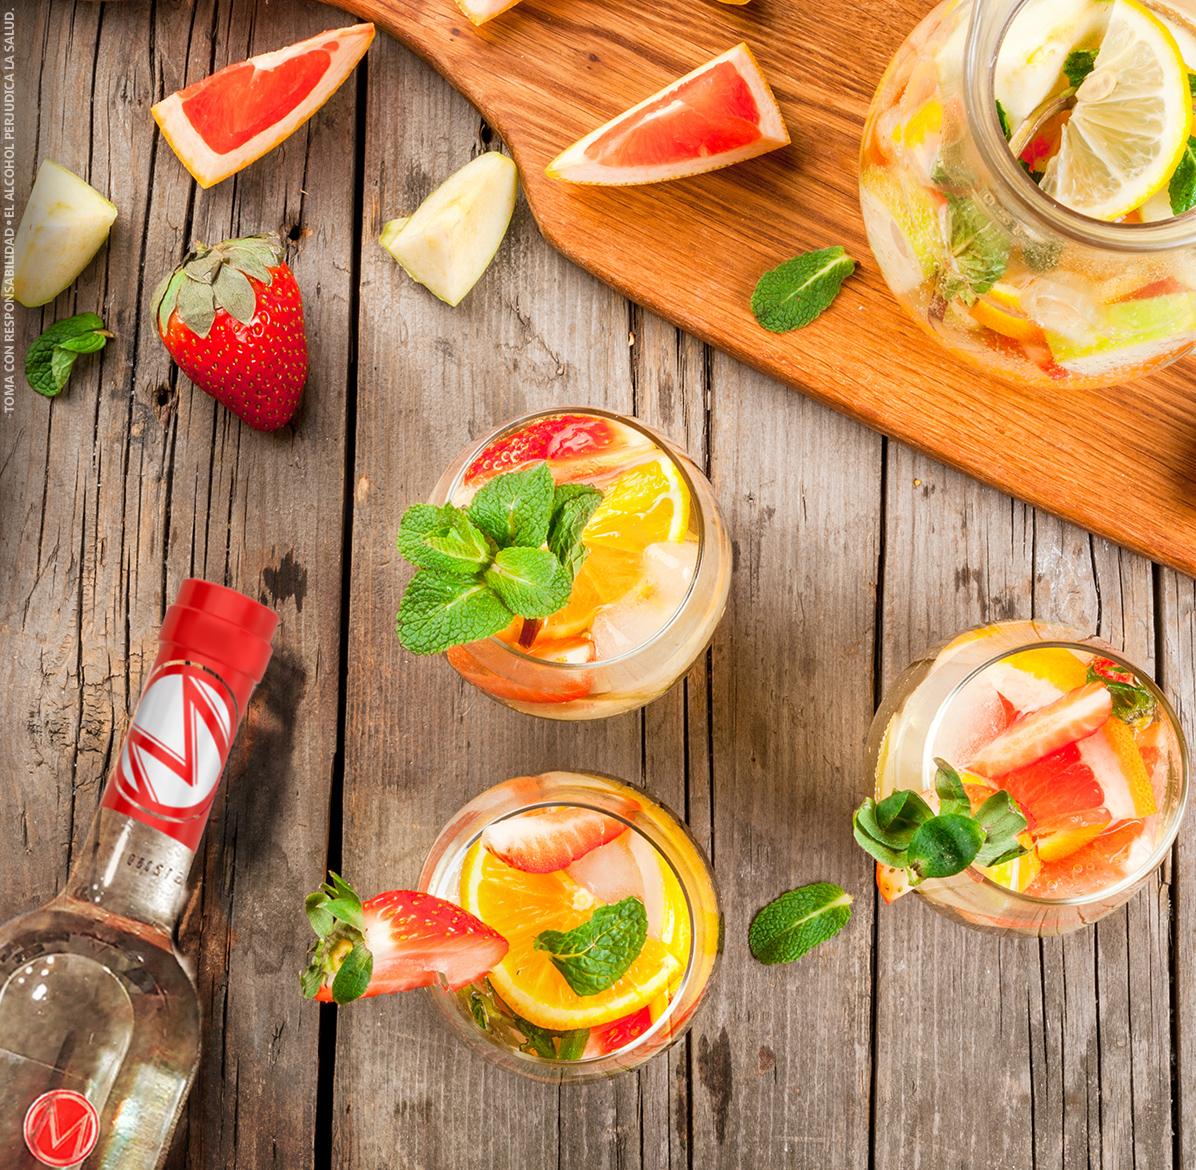 Appletini Cocktail - INGREDIENTES2 onzas de Macorix AppletiniPiña y fresas picadas en pequeños trocitos1 onza de jugo de naranjaPREPARACIONAgrega en ron y las frutas picadas, luego vierte el jugo de naranja.